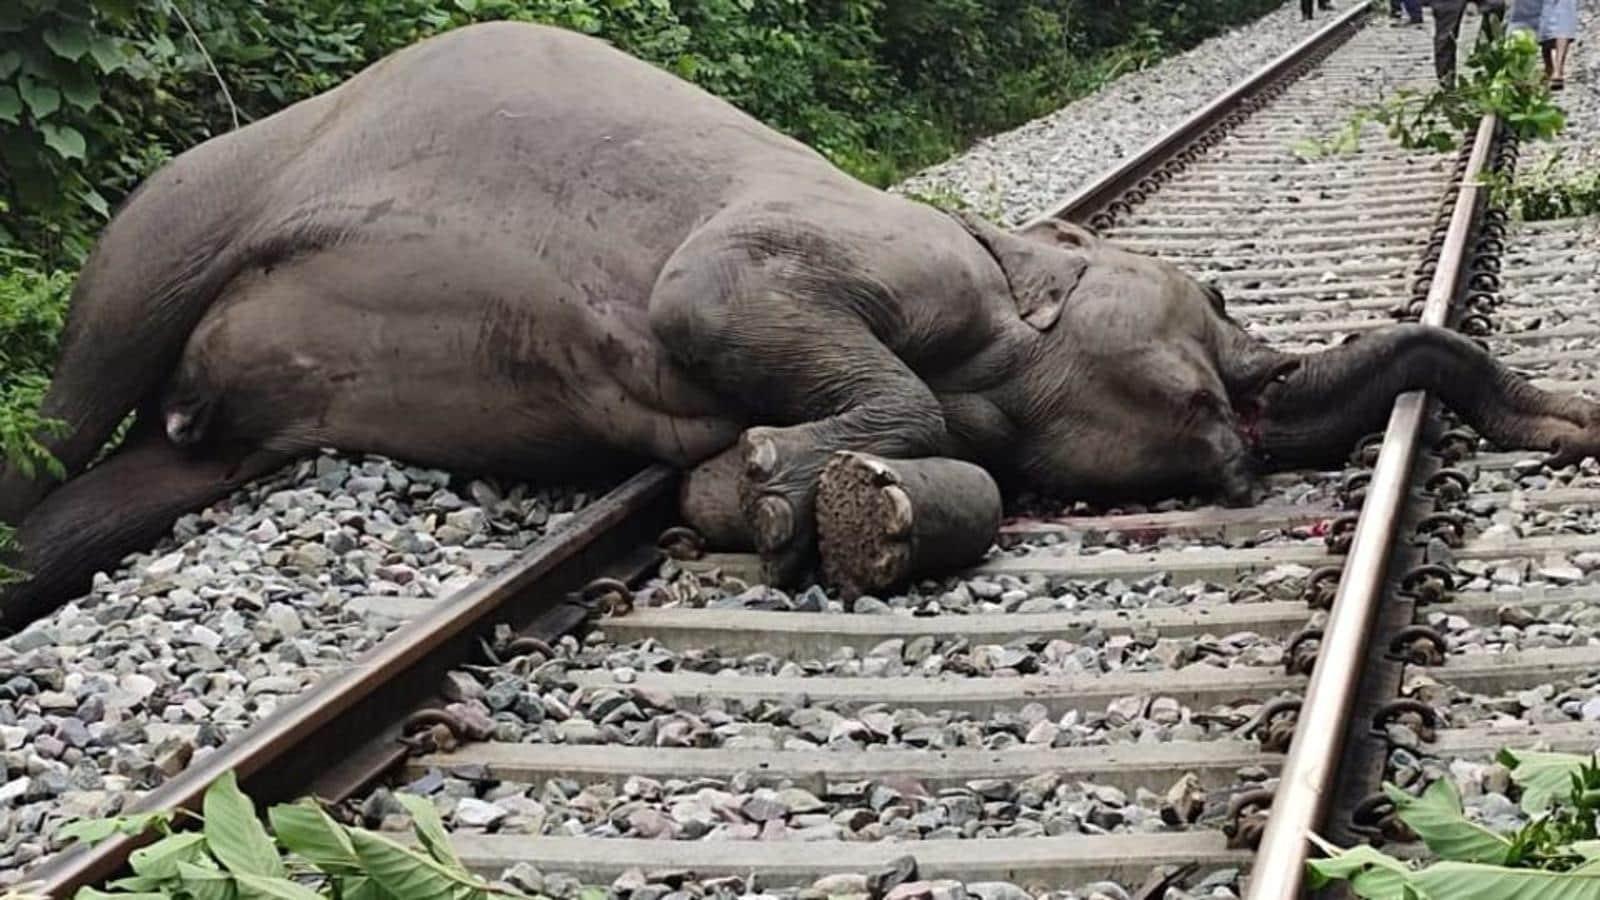 ट्रेन से टकराकर घायल हाथी का शव टांडा में मिला, हड़कंप